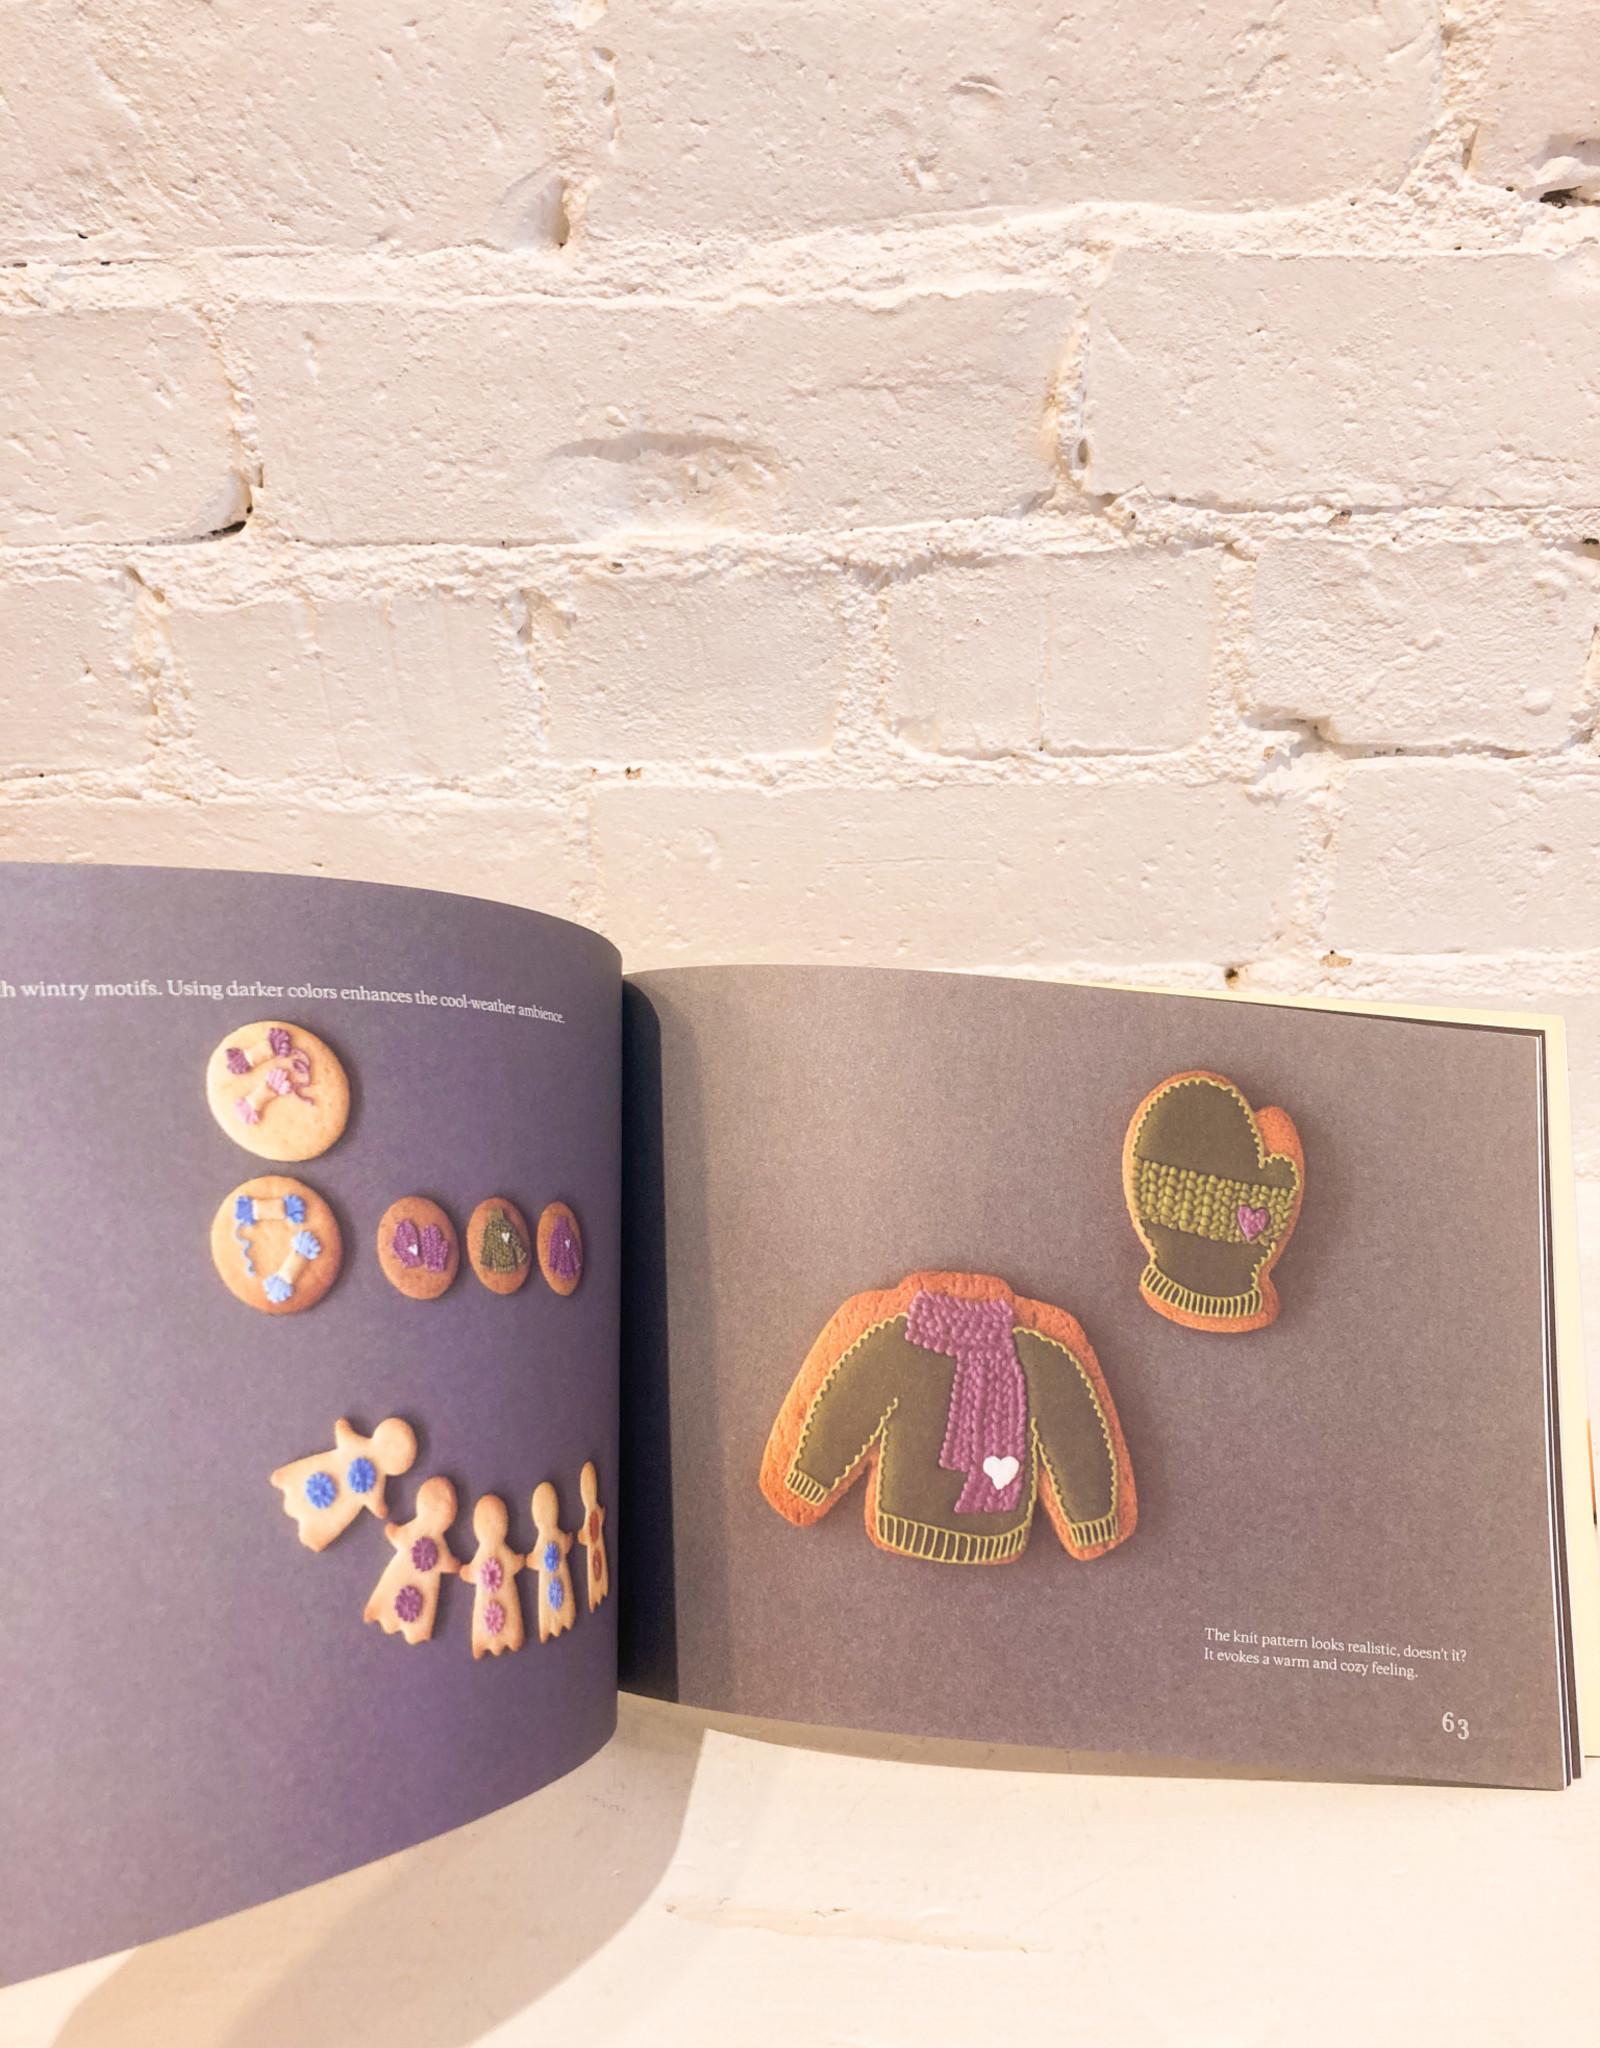 Painted Cookies by Akiko Hoshino